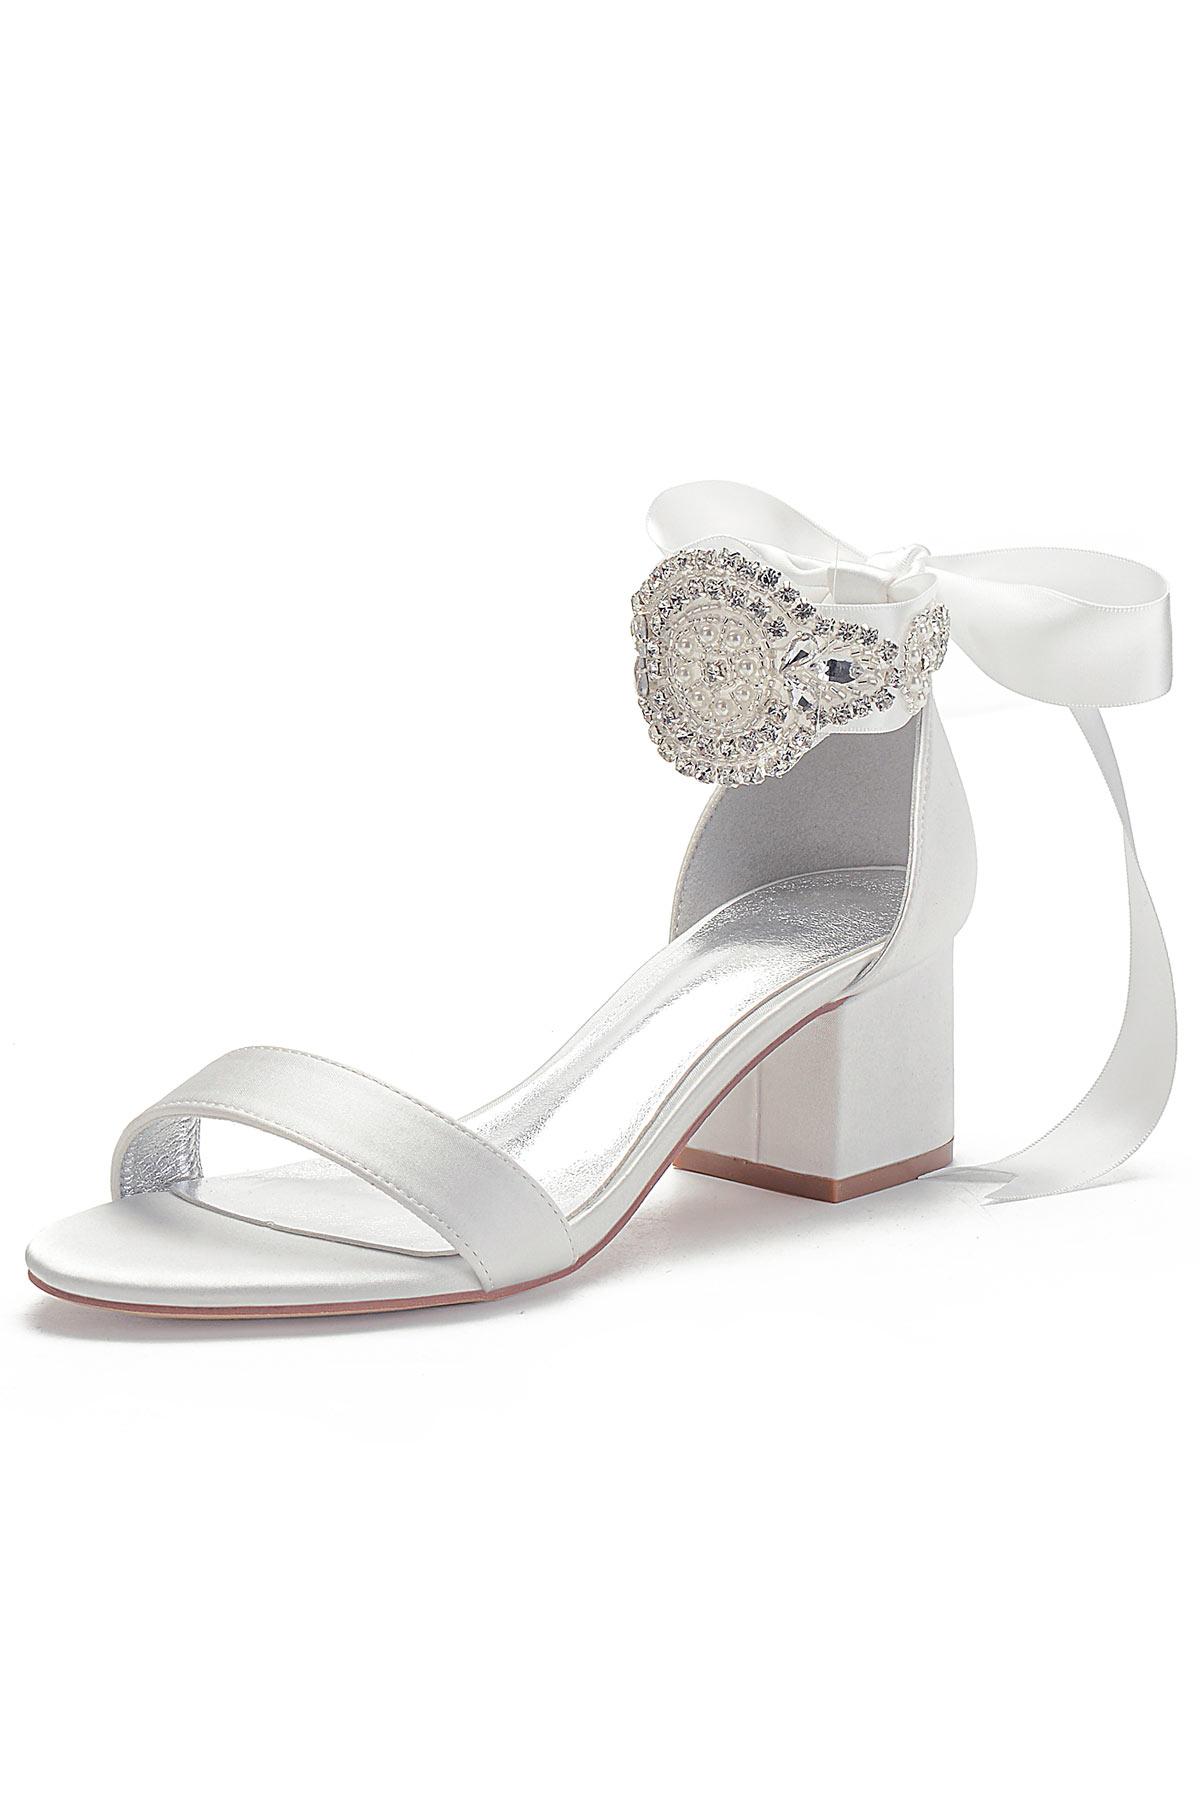 Sandale pour mariage talon épais avec bride brodé de bijoux